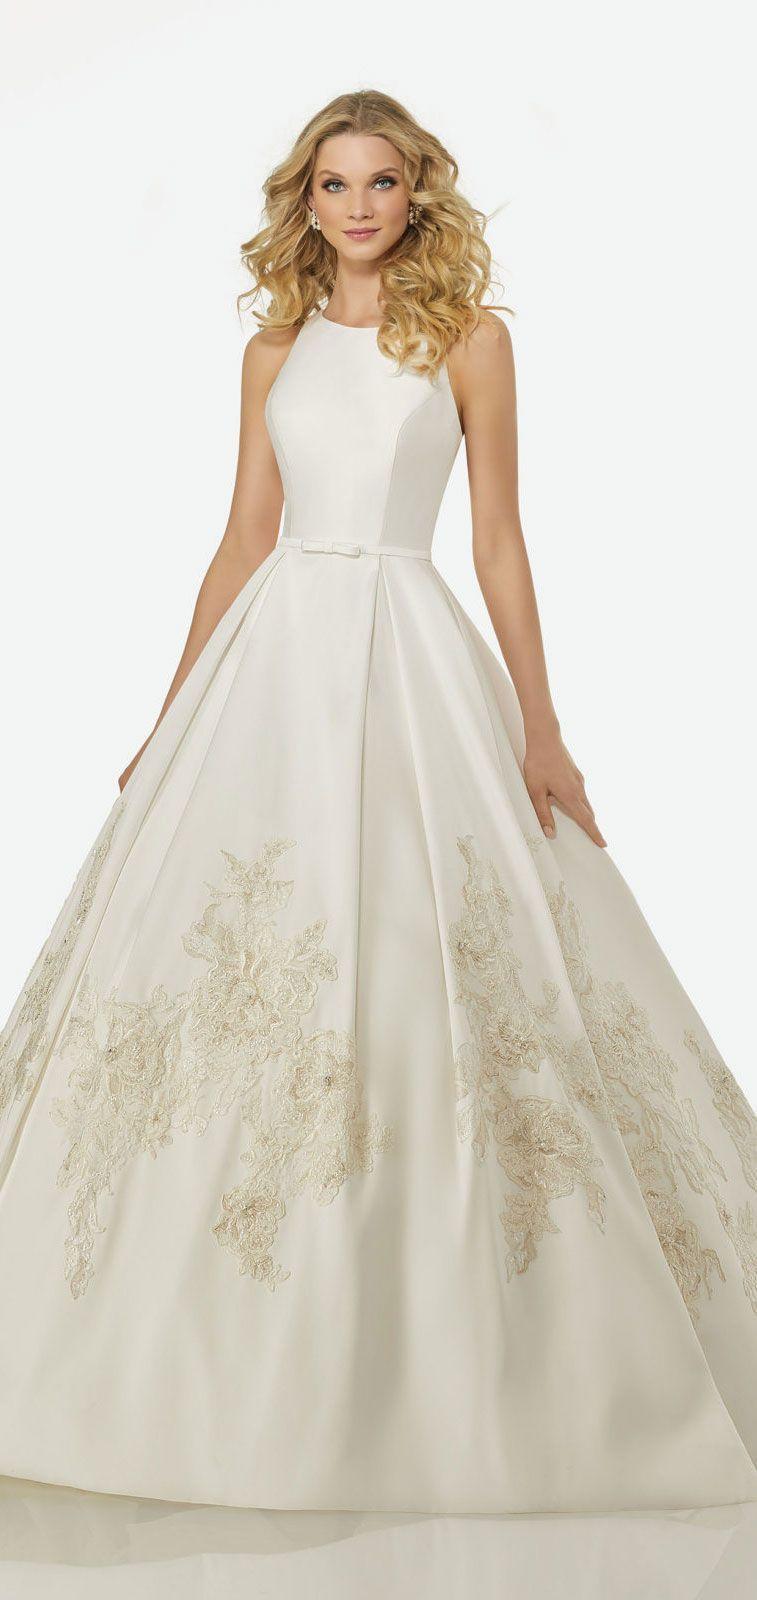 Randy fenoli bridal wedding dresses ball gowns gowns and wedding